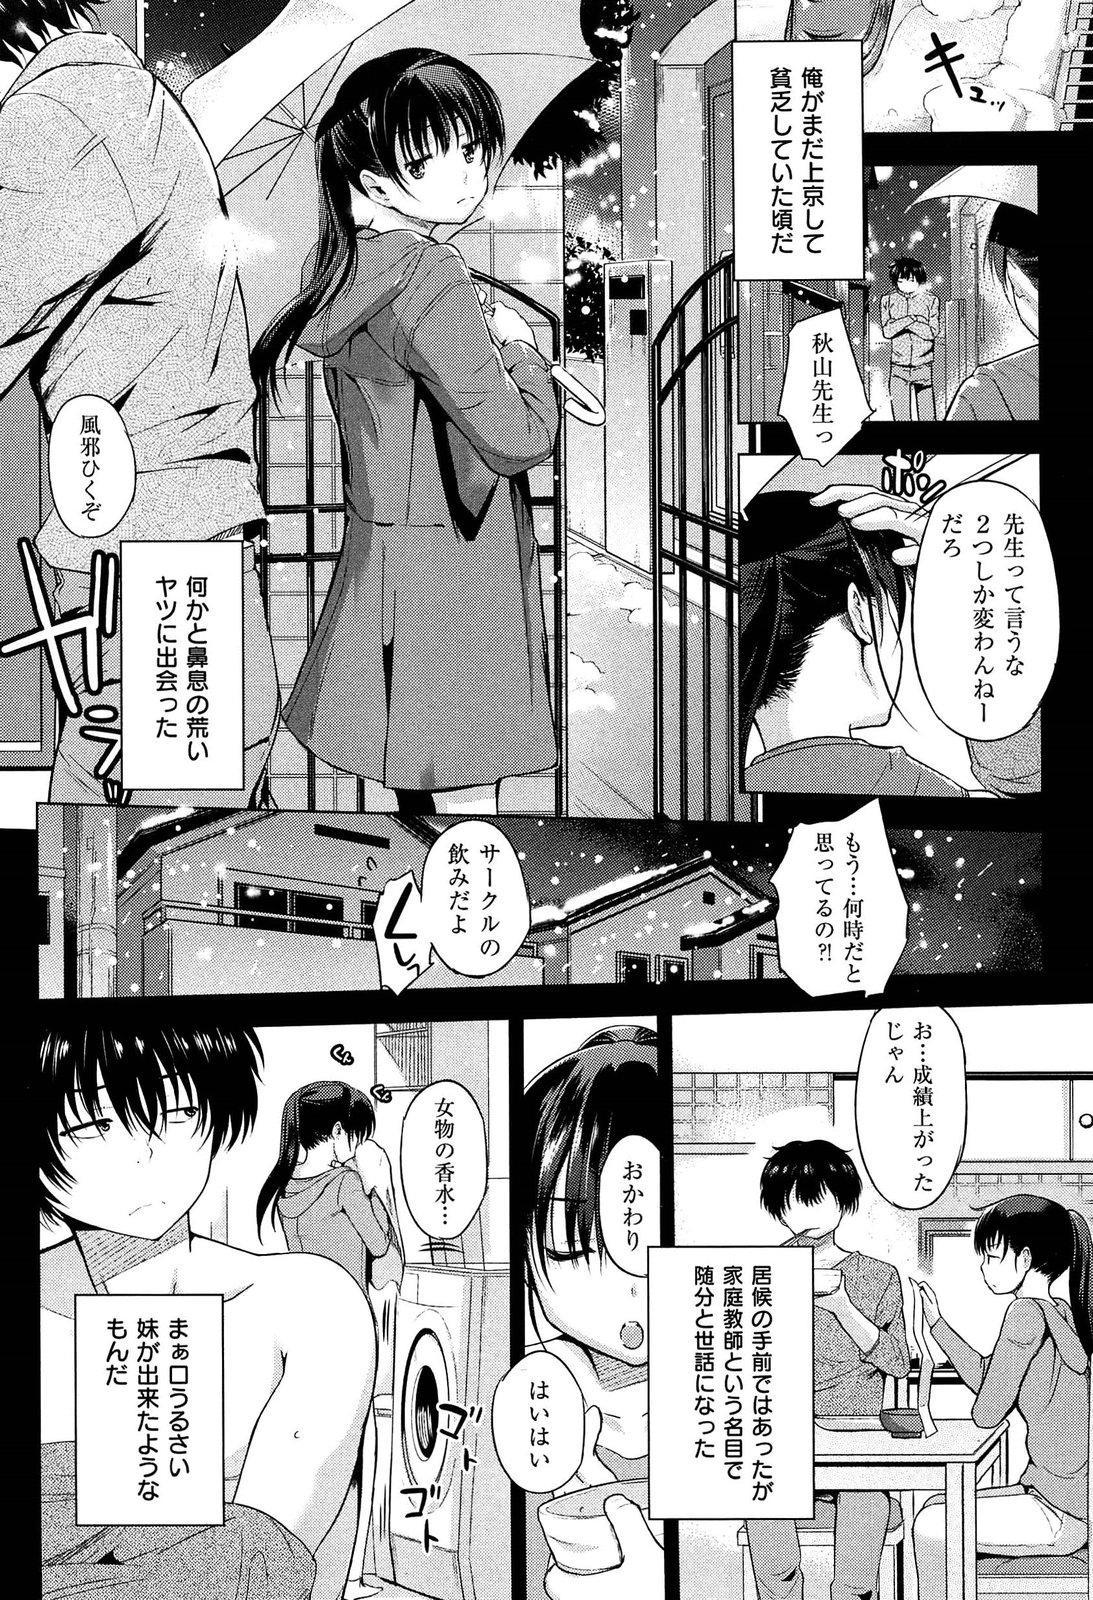 Hatsukoi Swap 41